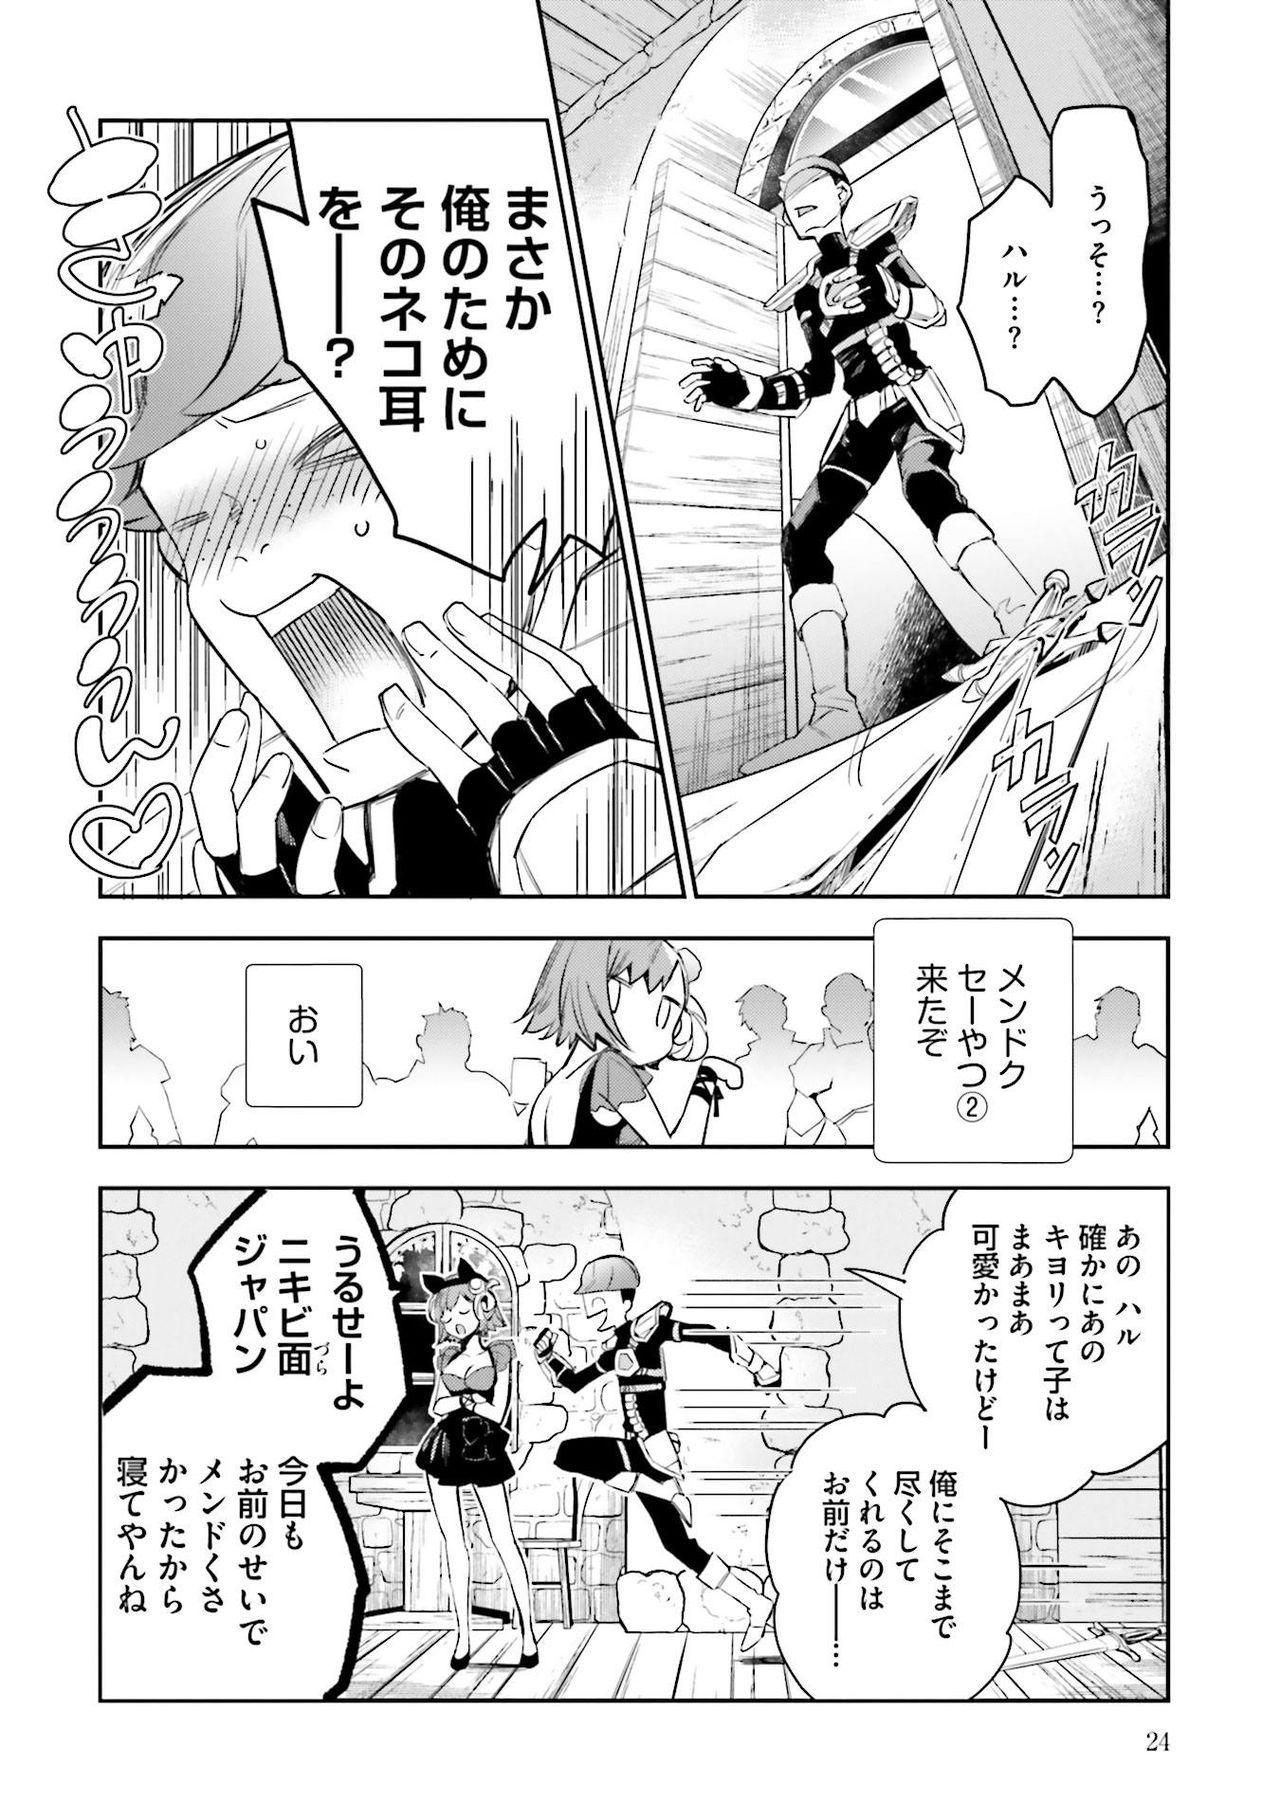 JK Haru wa Isekai de Shoufu ni Natta 1-14 212